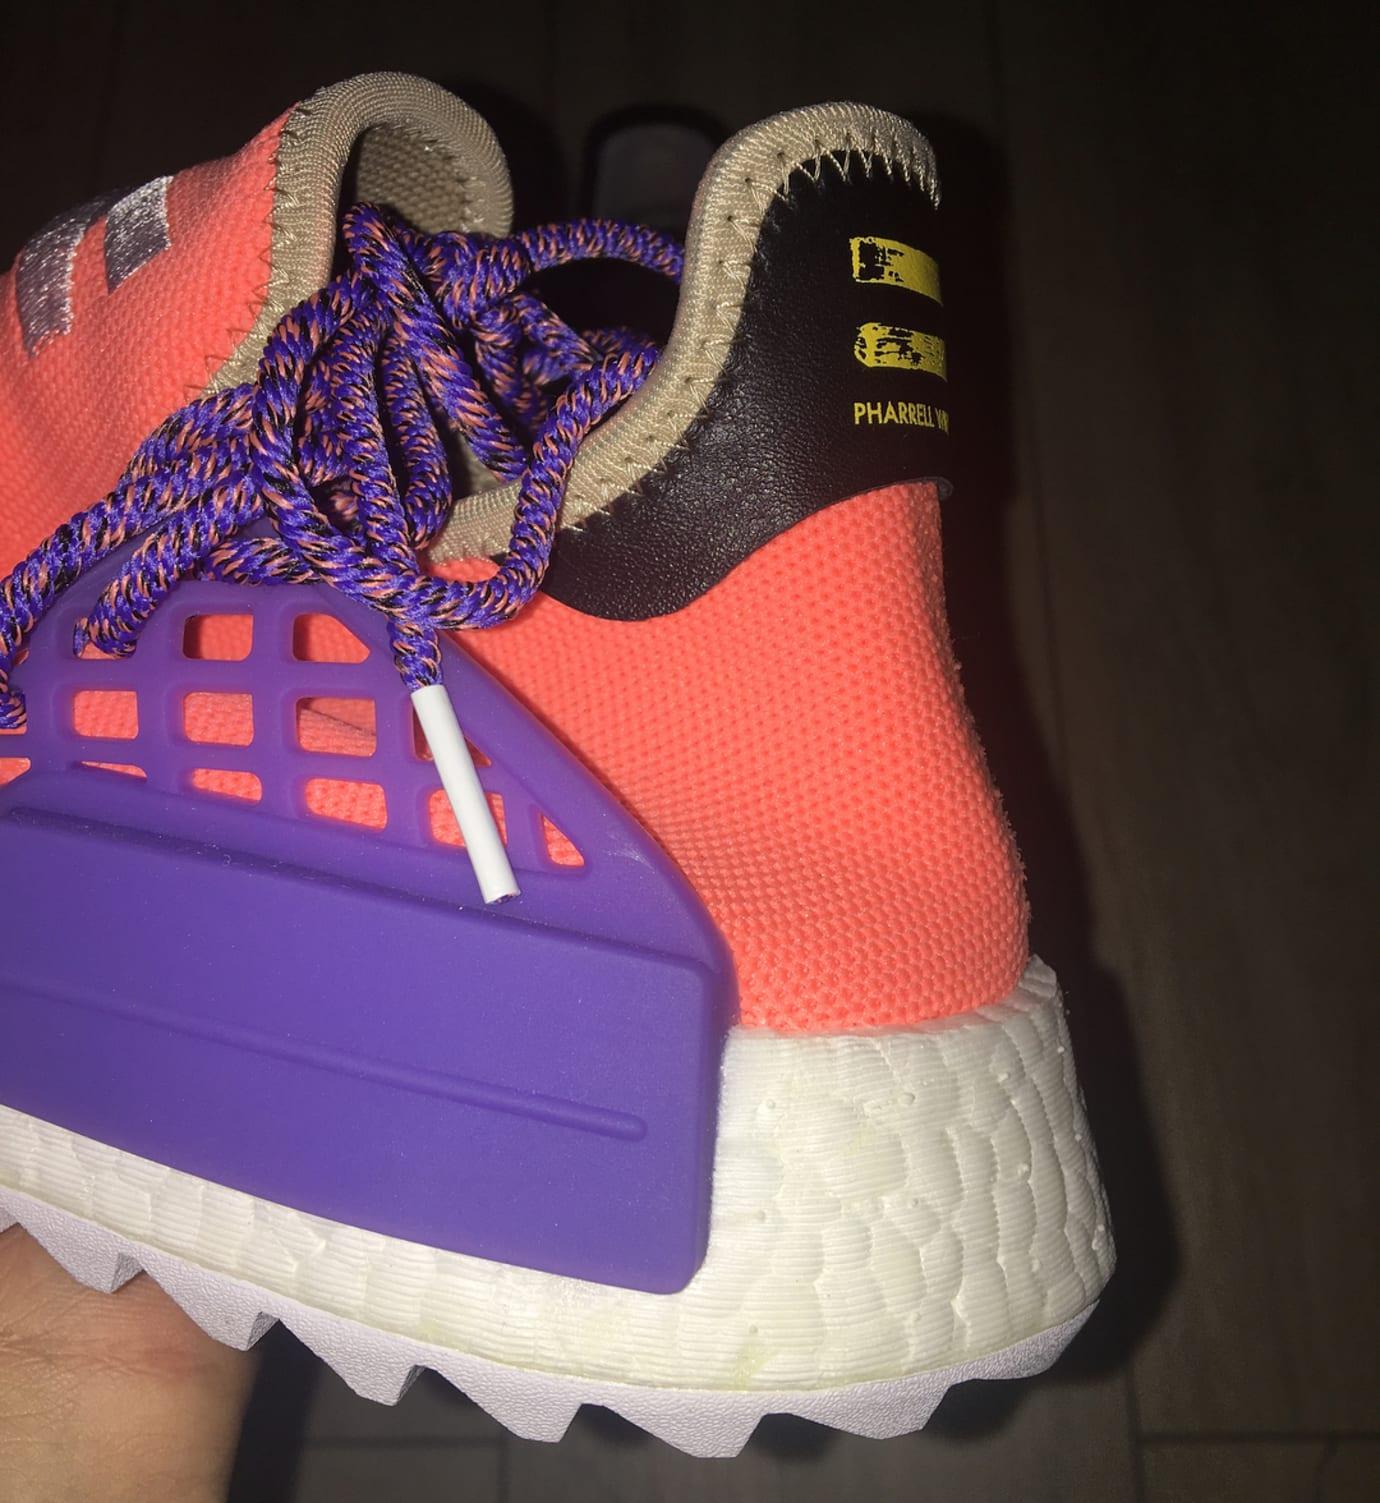 Pharrell x Adidas NMD Hu Breathe Walk Orange Purple Sample Heel